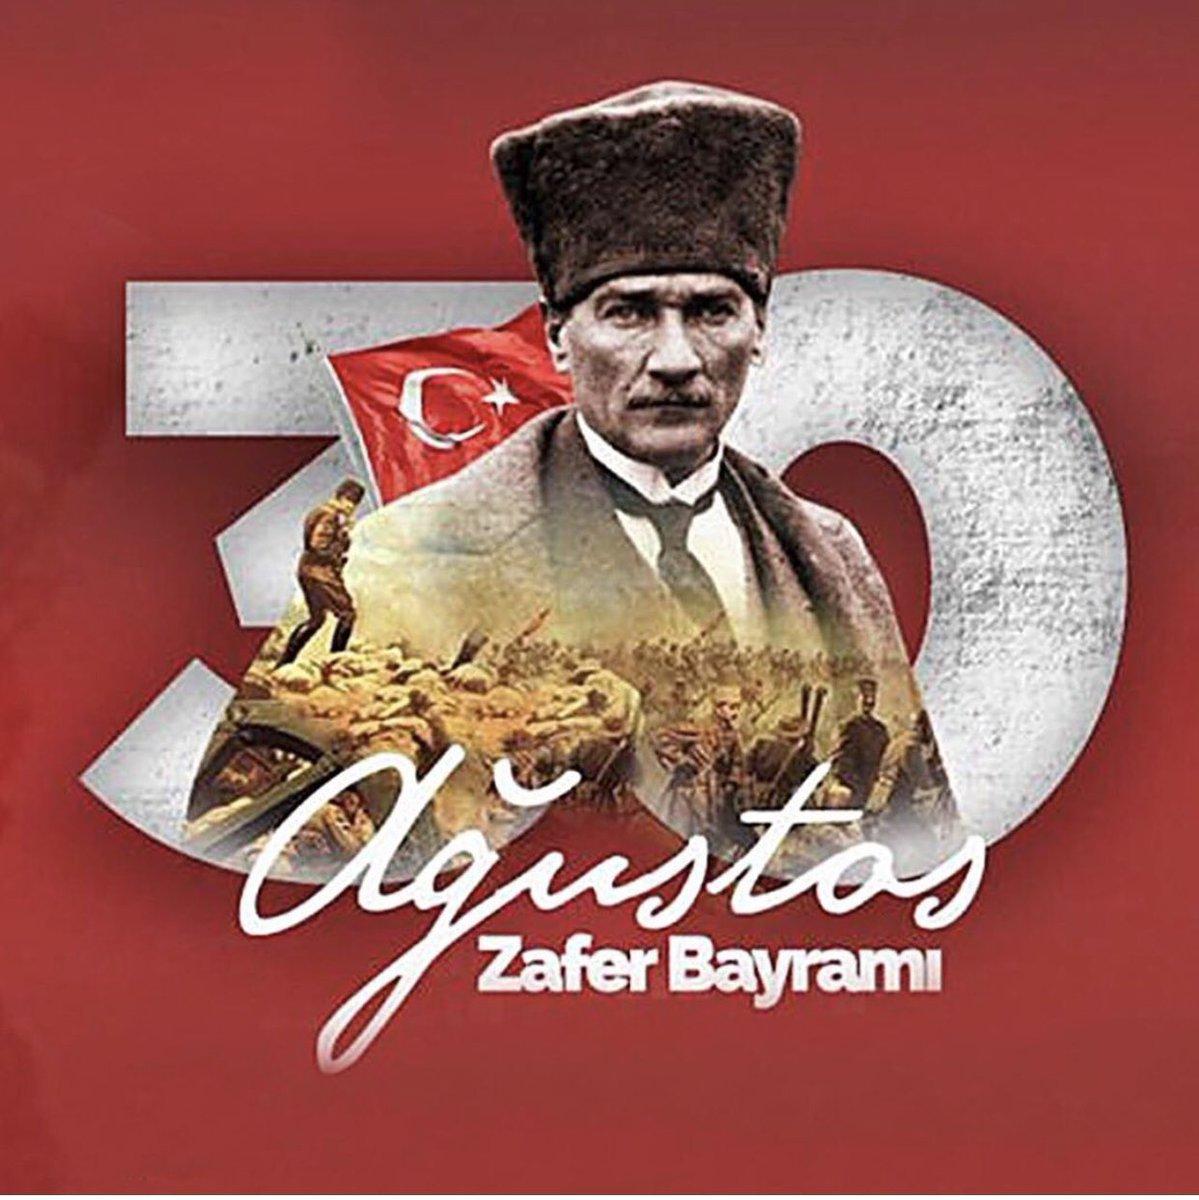 Gazi Mustafa Kemal Atatürk başta olmak üzere bağımsızlık mücadelemizi zaferle taçlandıran tüm kahramanlarımızı saygı ve minnetle anıyoruz.  #30AğustosZaferBayramı 🇹🇷 https://t.co/uE92mJaQcL